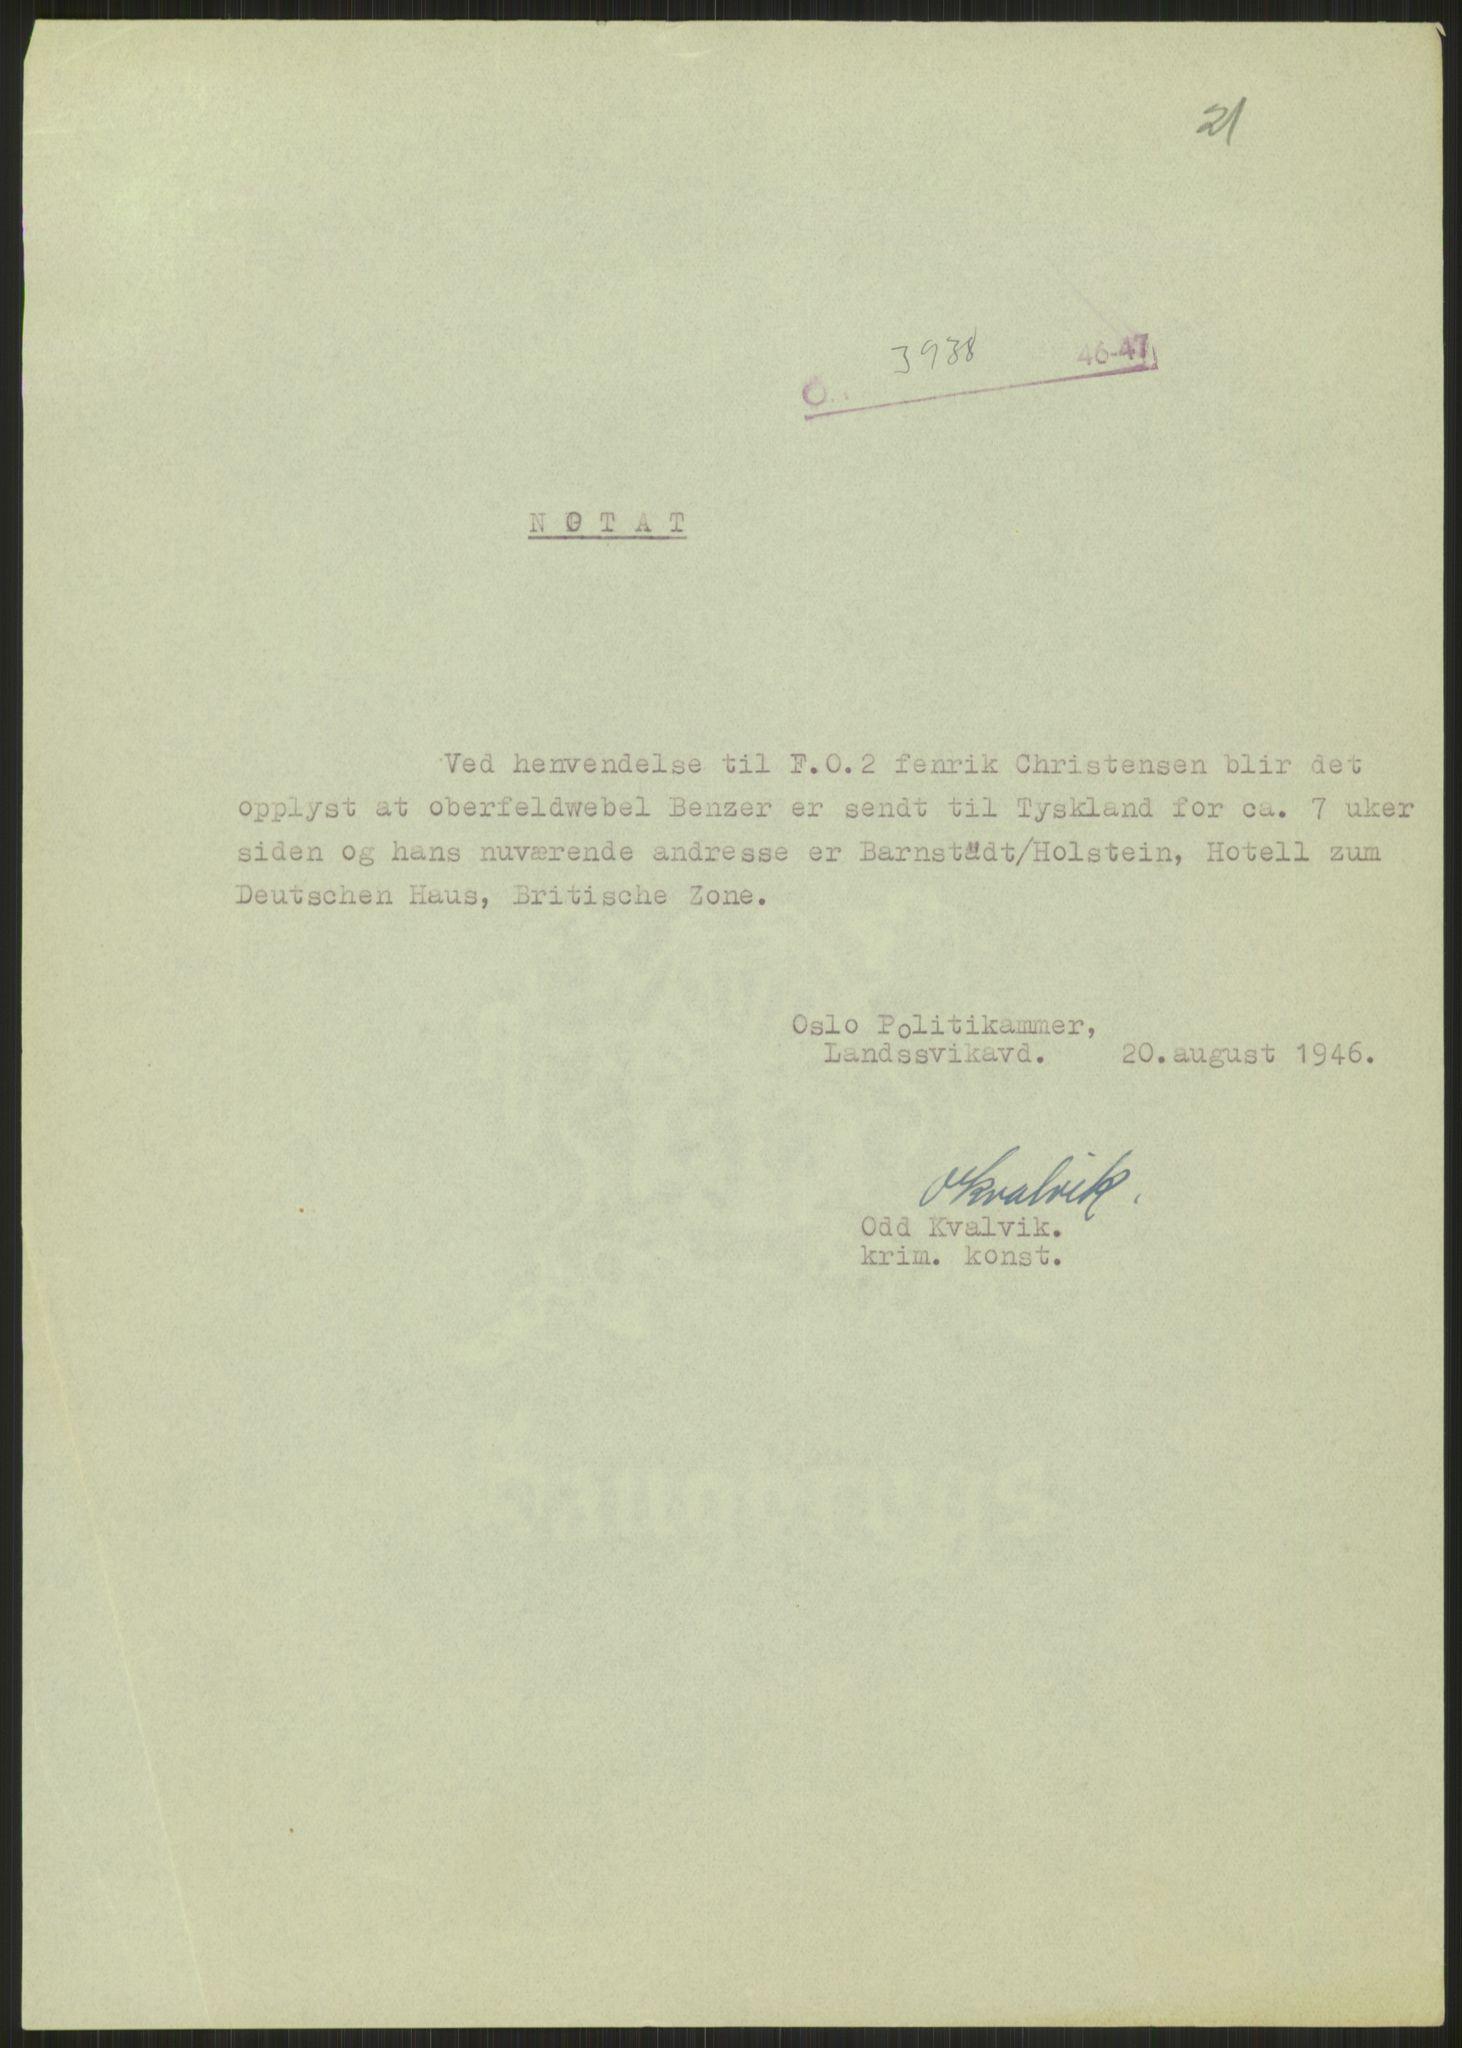 RA, Landssvikarkivet, Oslo politikammer, D/Dg/L0267: Henlagt hnr. 3658, 1945-1946, s. 274